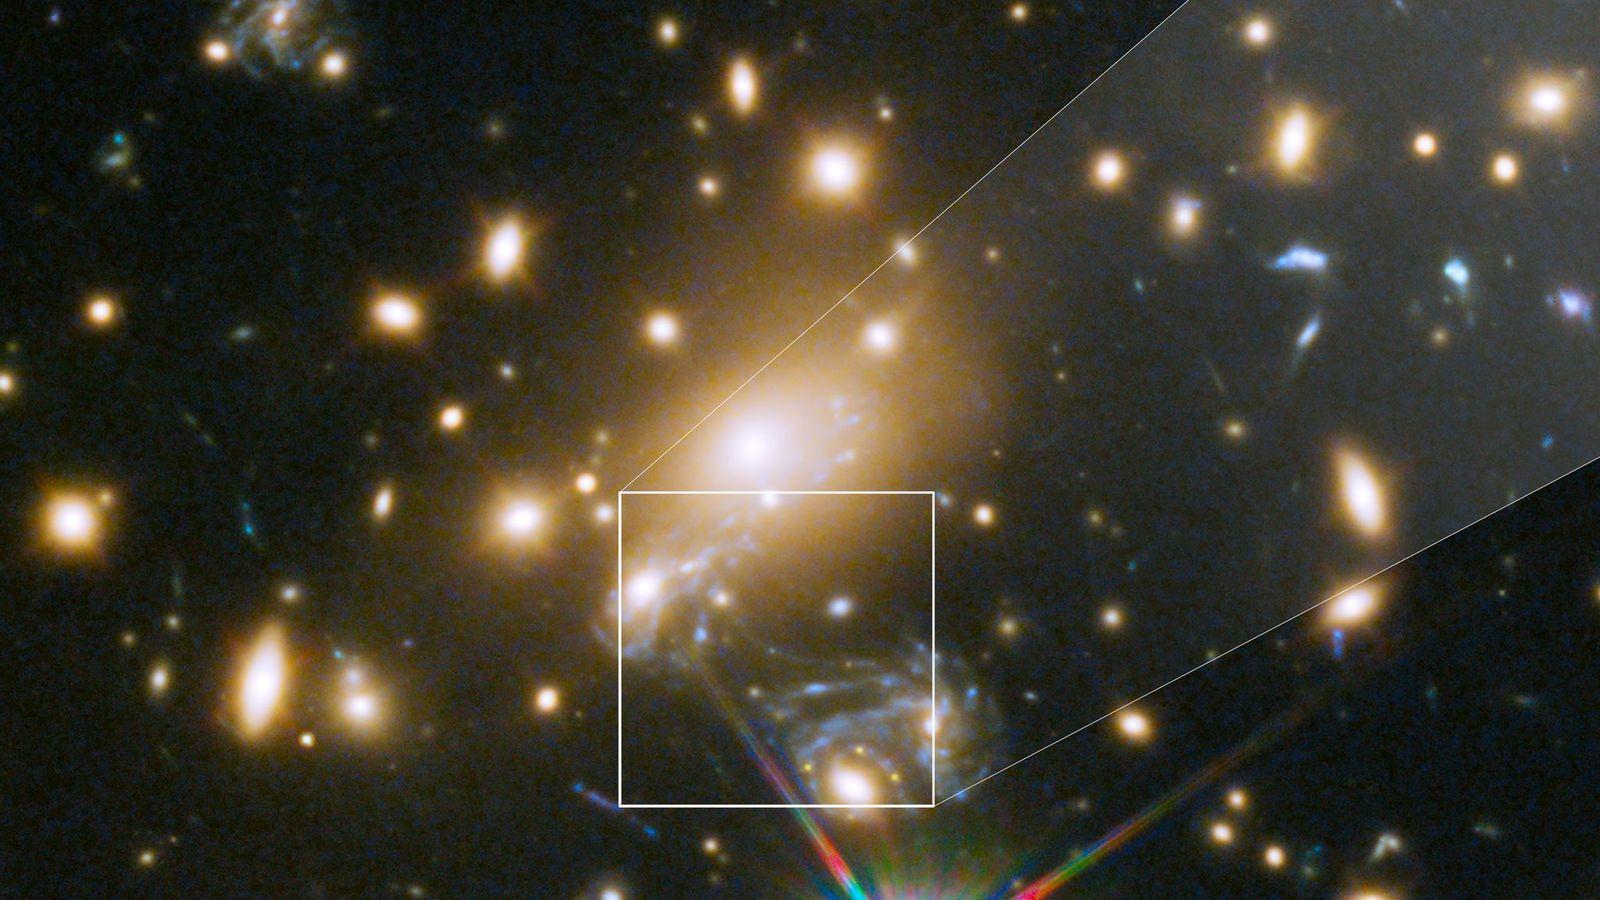 MACS J1149+2223 Lensed Star 1, ou Icare, est l'étoile individuelle la plus lointaine jamais observée. Les ...